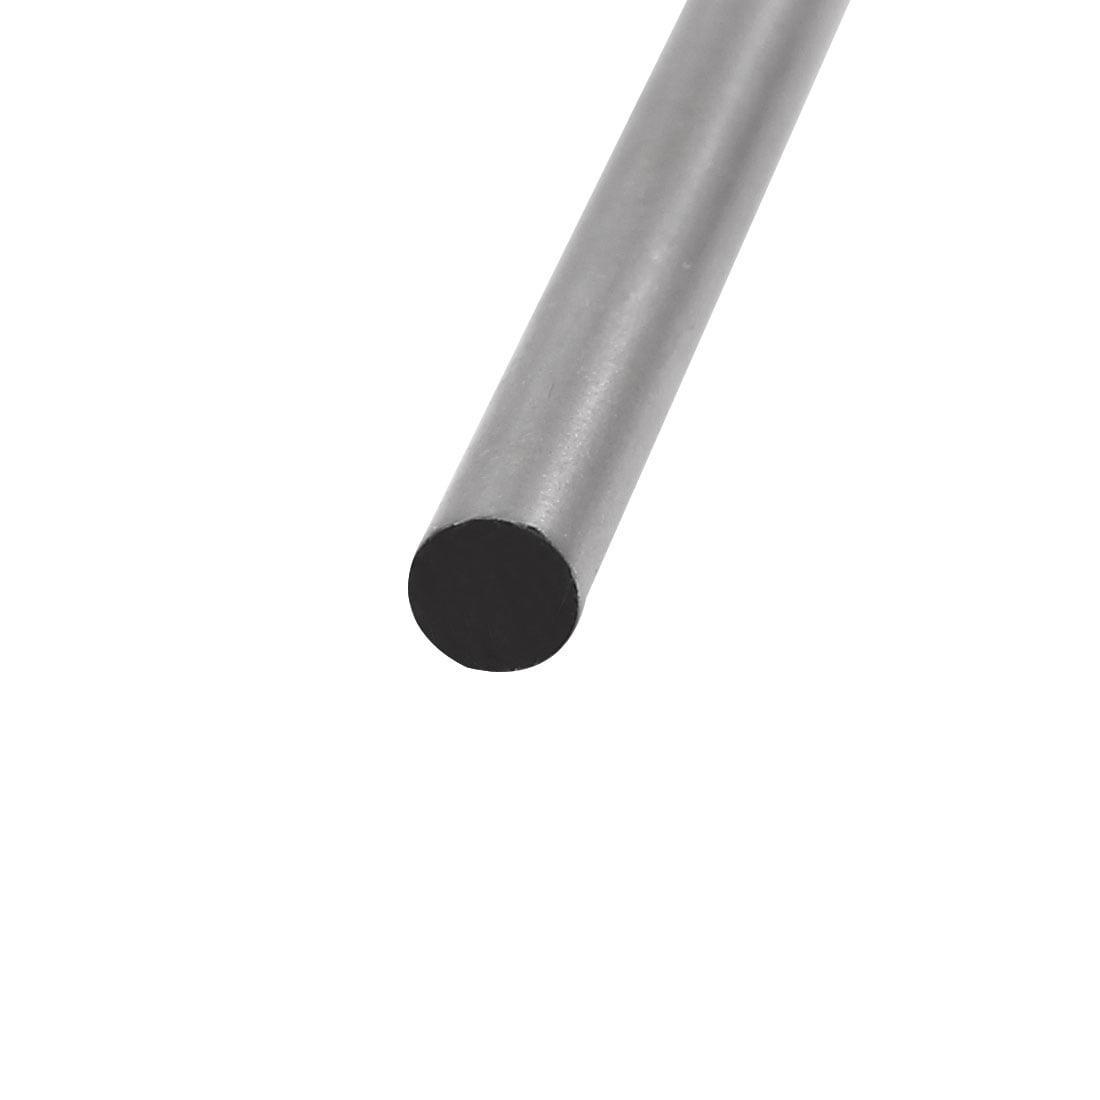 3mm Diamètre 200mm Longueur HSS Droit Ronde Foret hélico dal Outil Forage 2 pcs - image 1 de 3